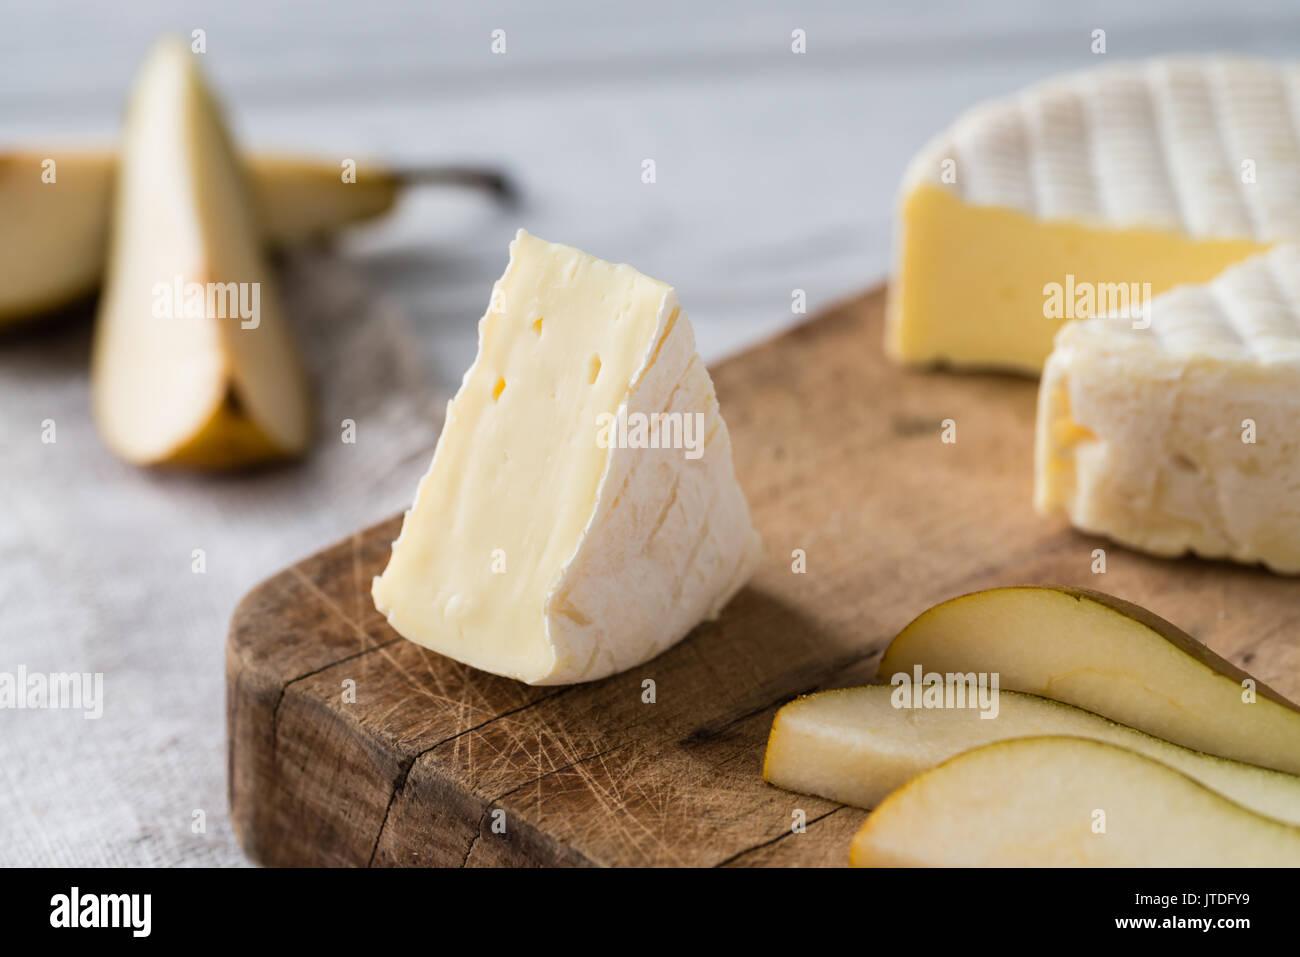 Primo piano francese di formaggio a pasta morbida dalla regione della Normandia affettata con pera su una tavola di legno su sfondo bianco Immagini Stock